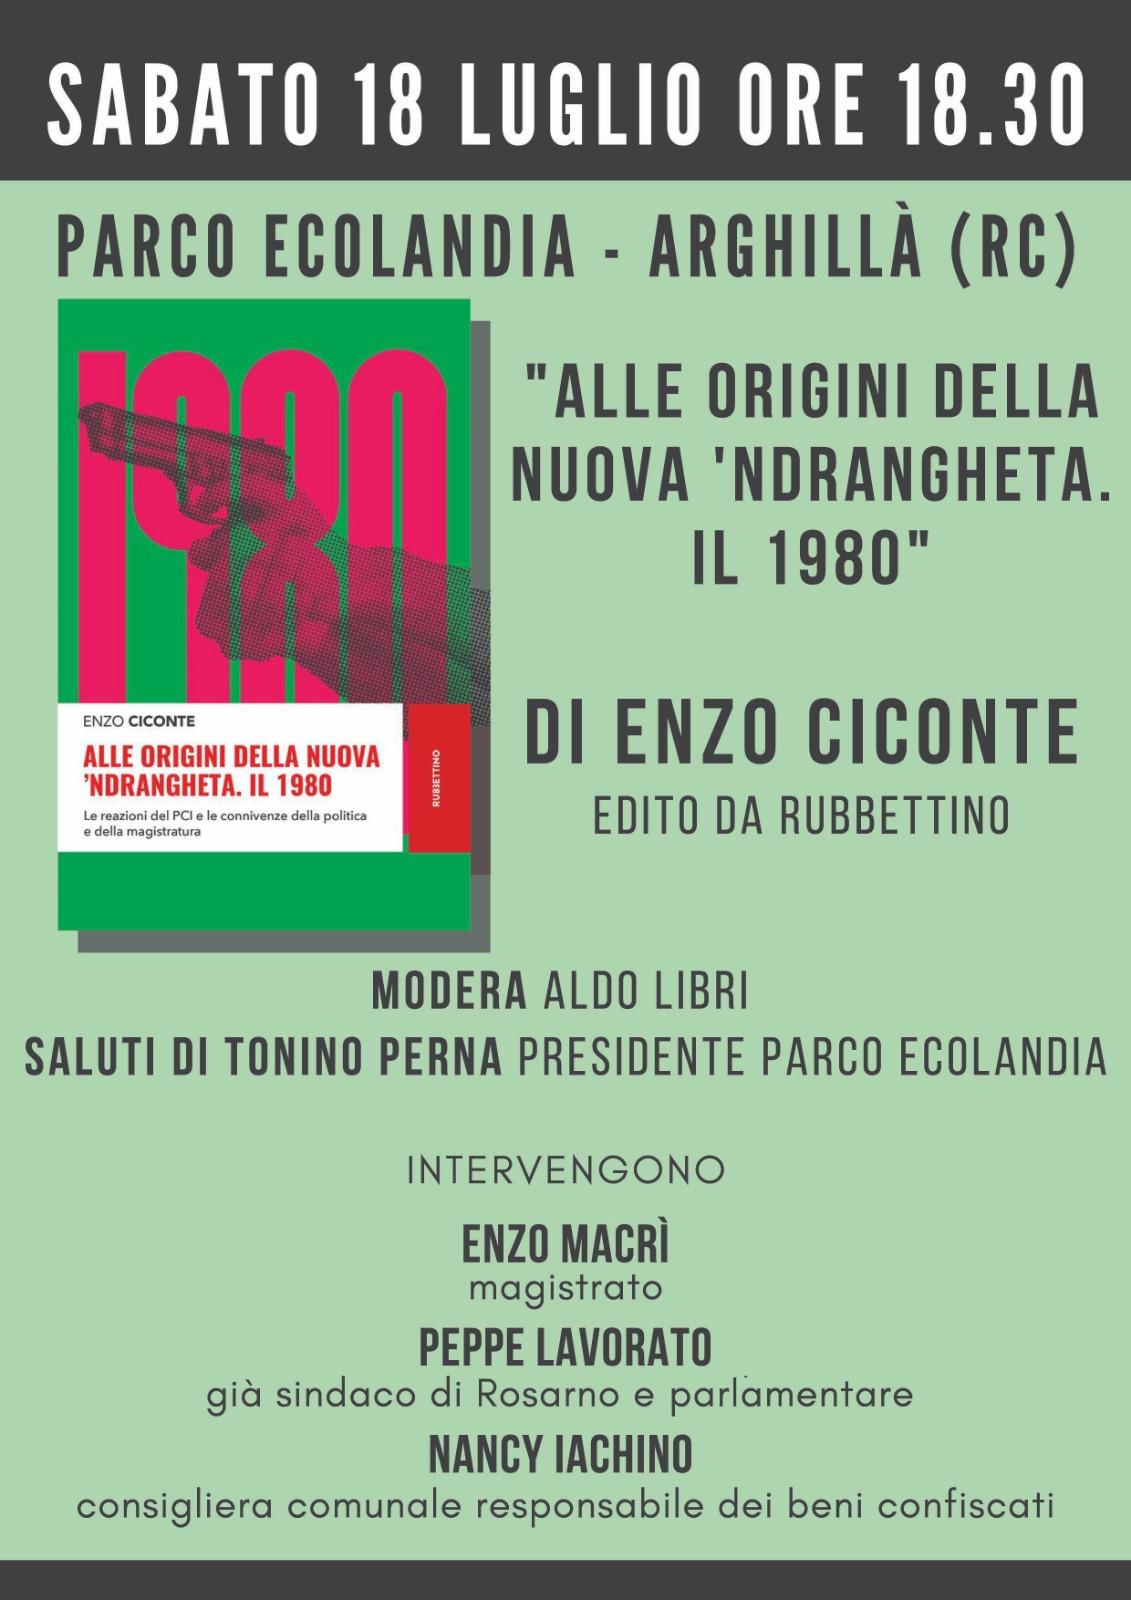 """PRESENTAZIONE DEL LIBRO DI ENZO CICONTE """"ALLE ORIGINE DELLA NUOVA NDRANGHETA 1980"""